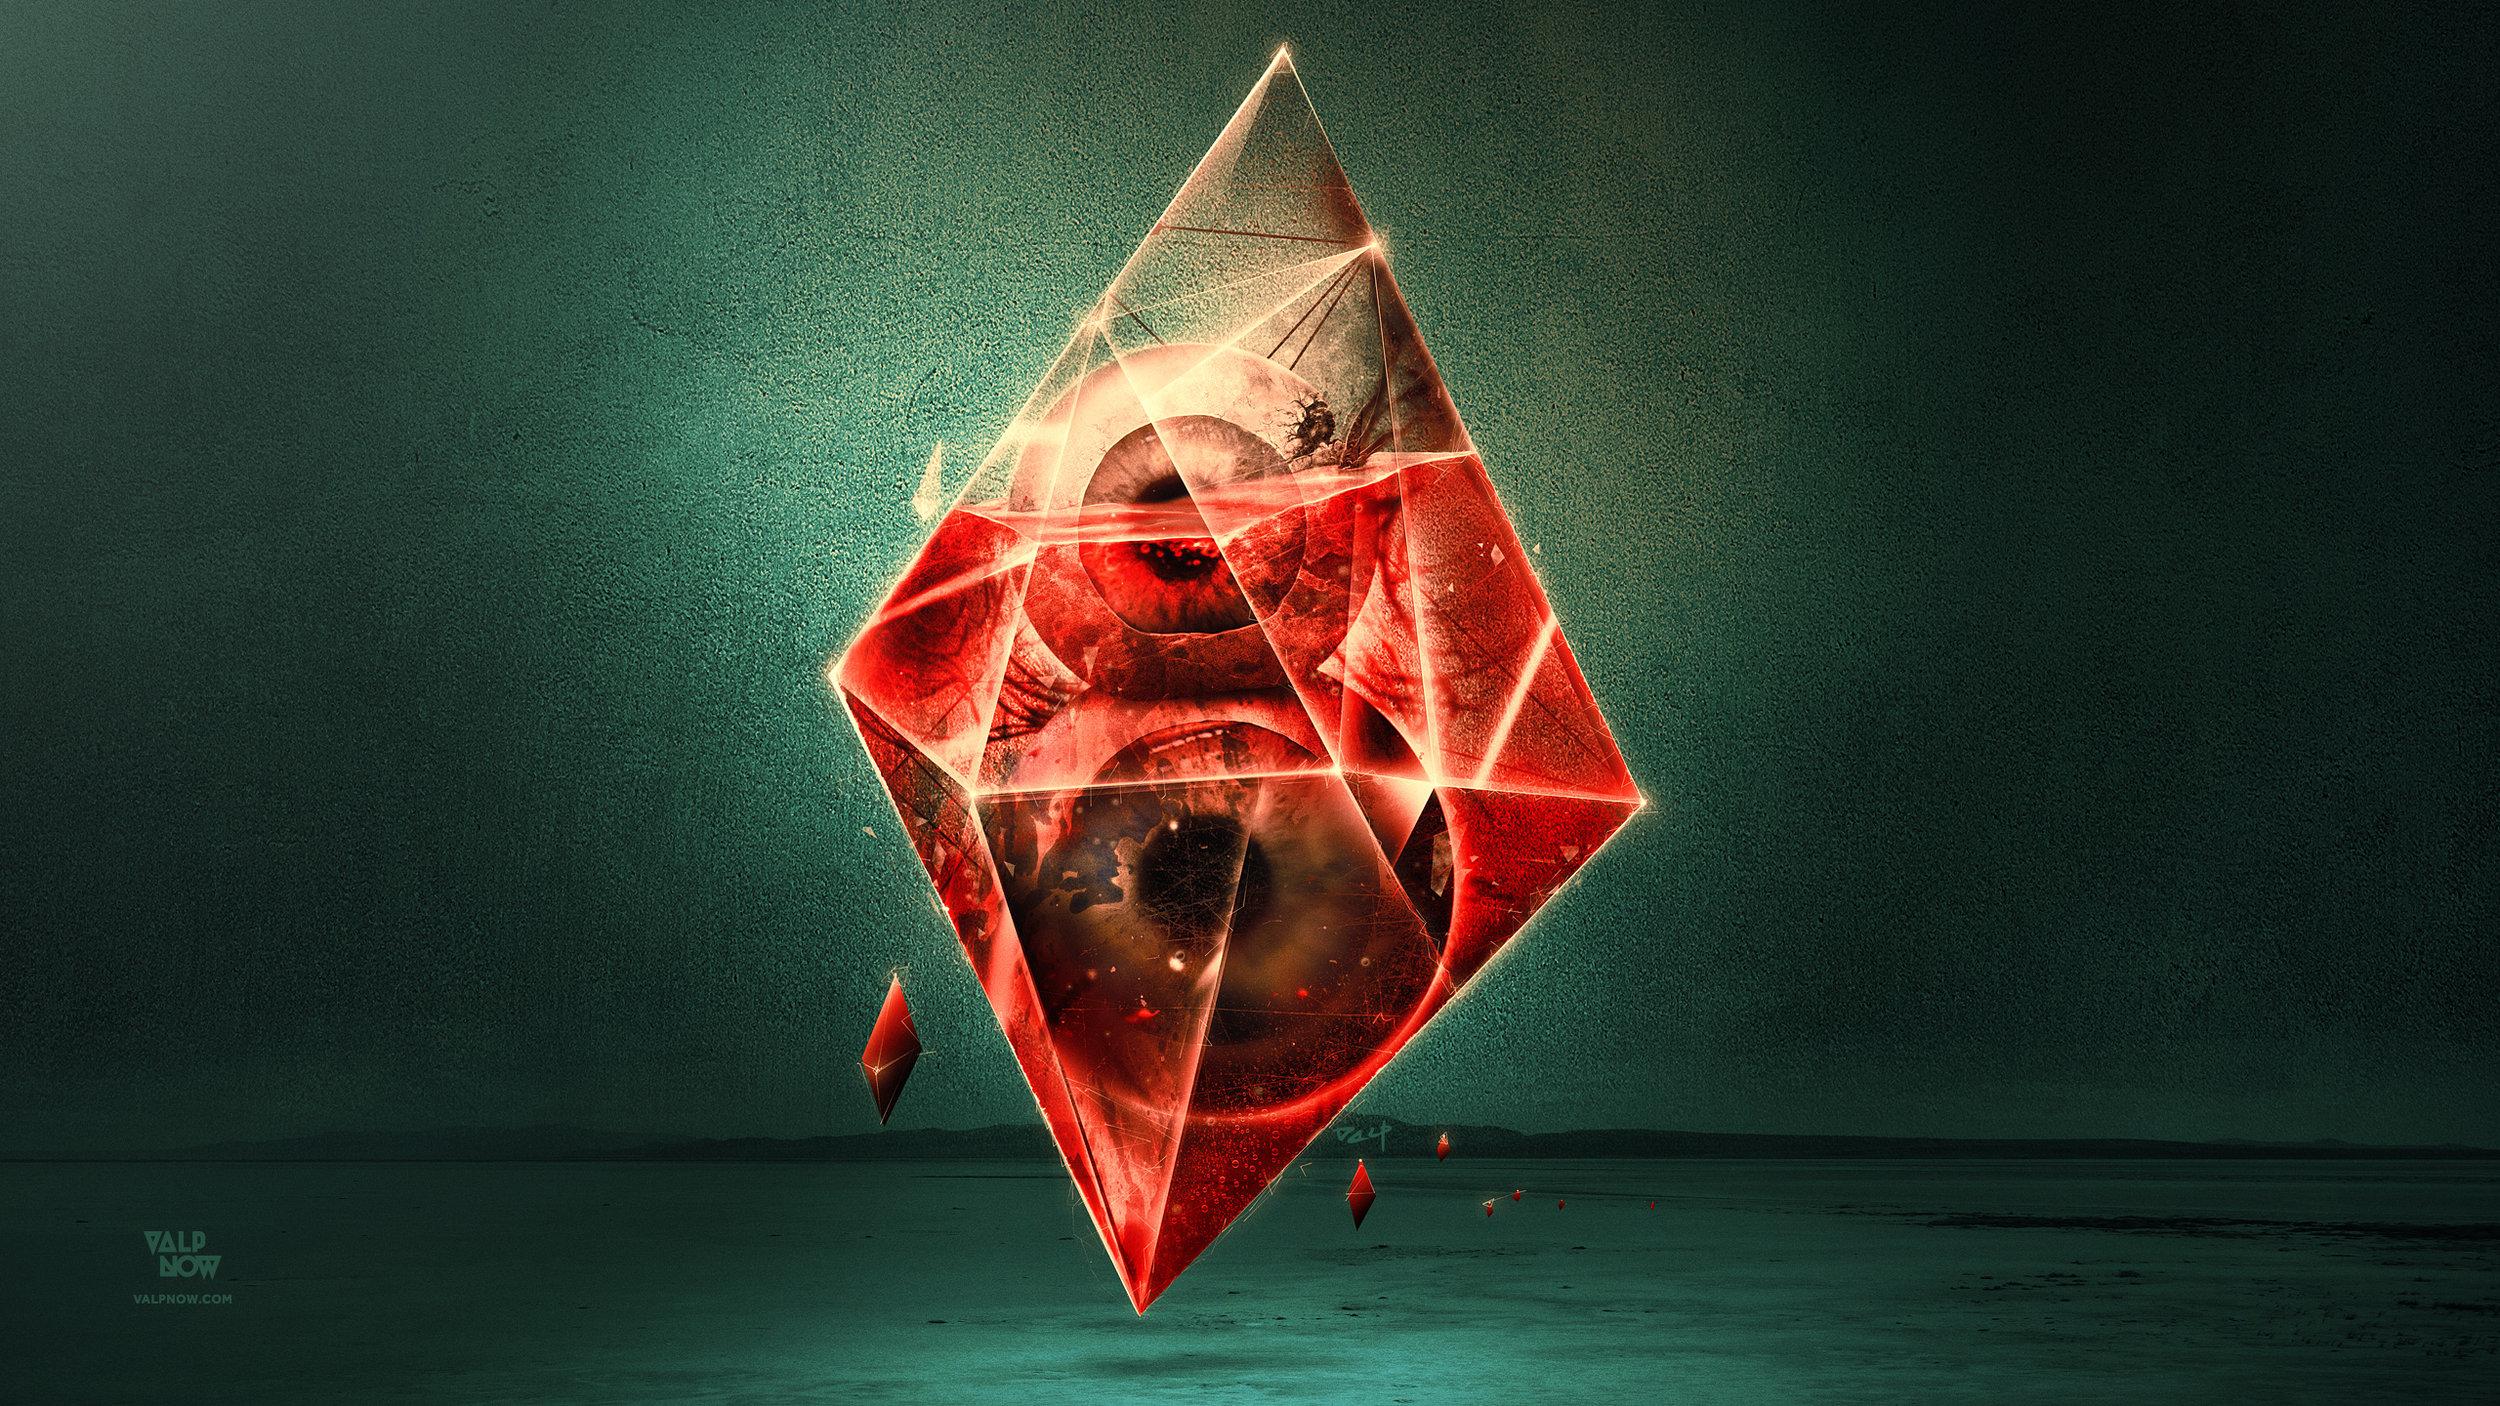 Eye'ght (8) of Diamonds